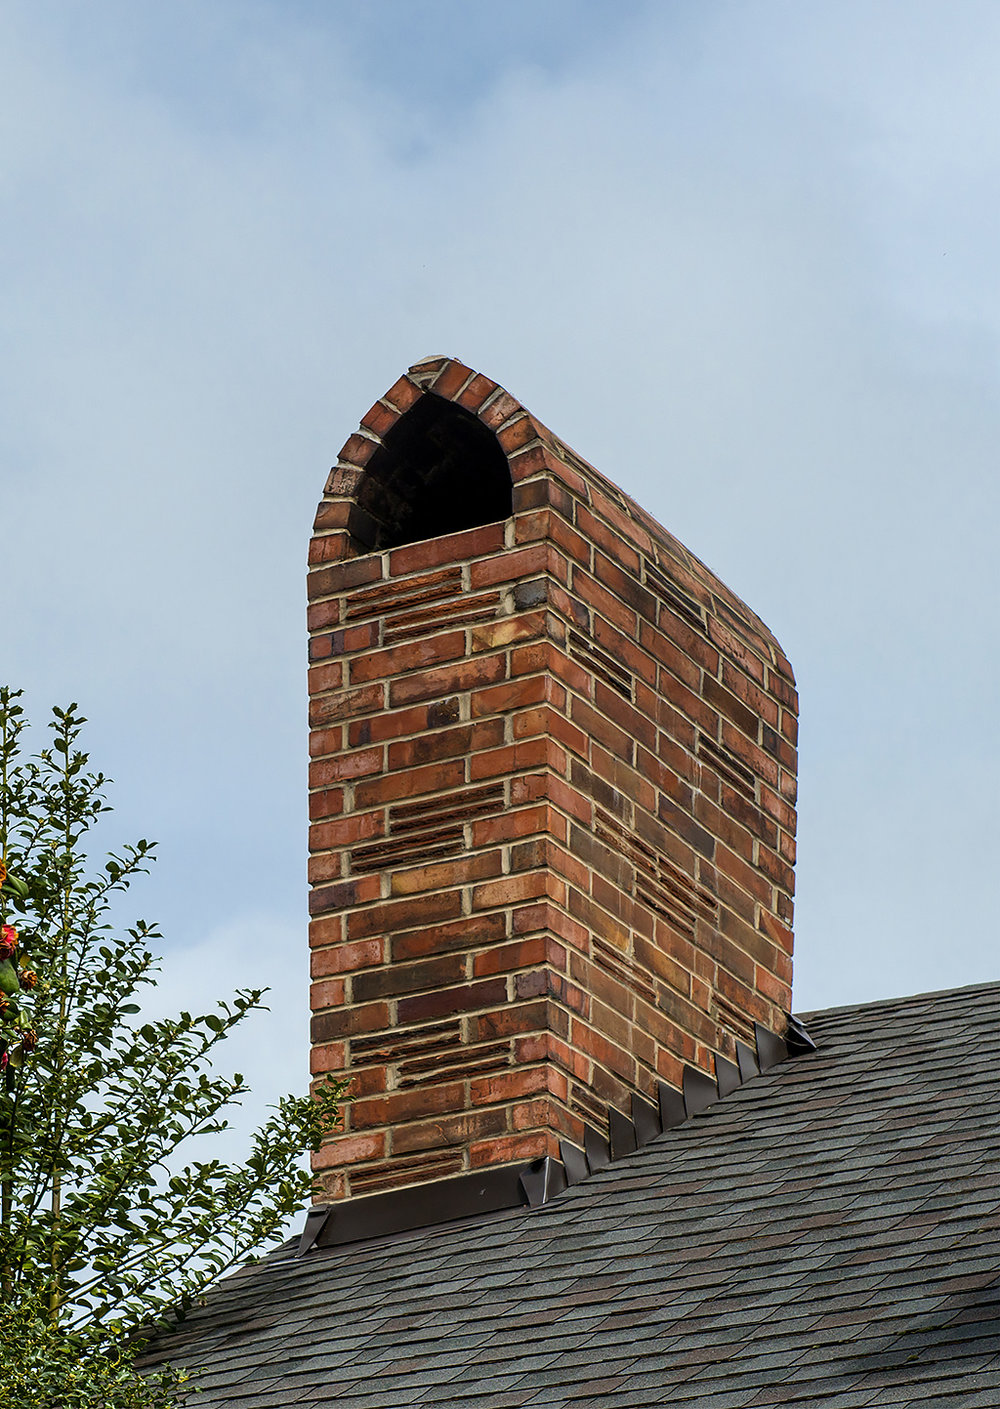 brick chimmney.jpg